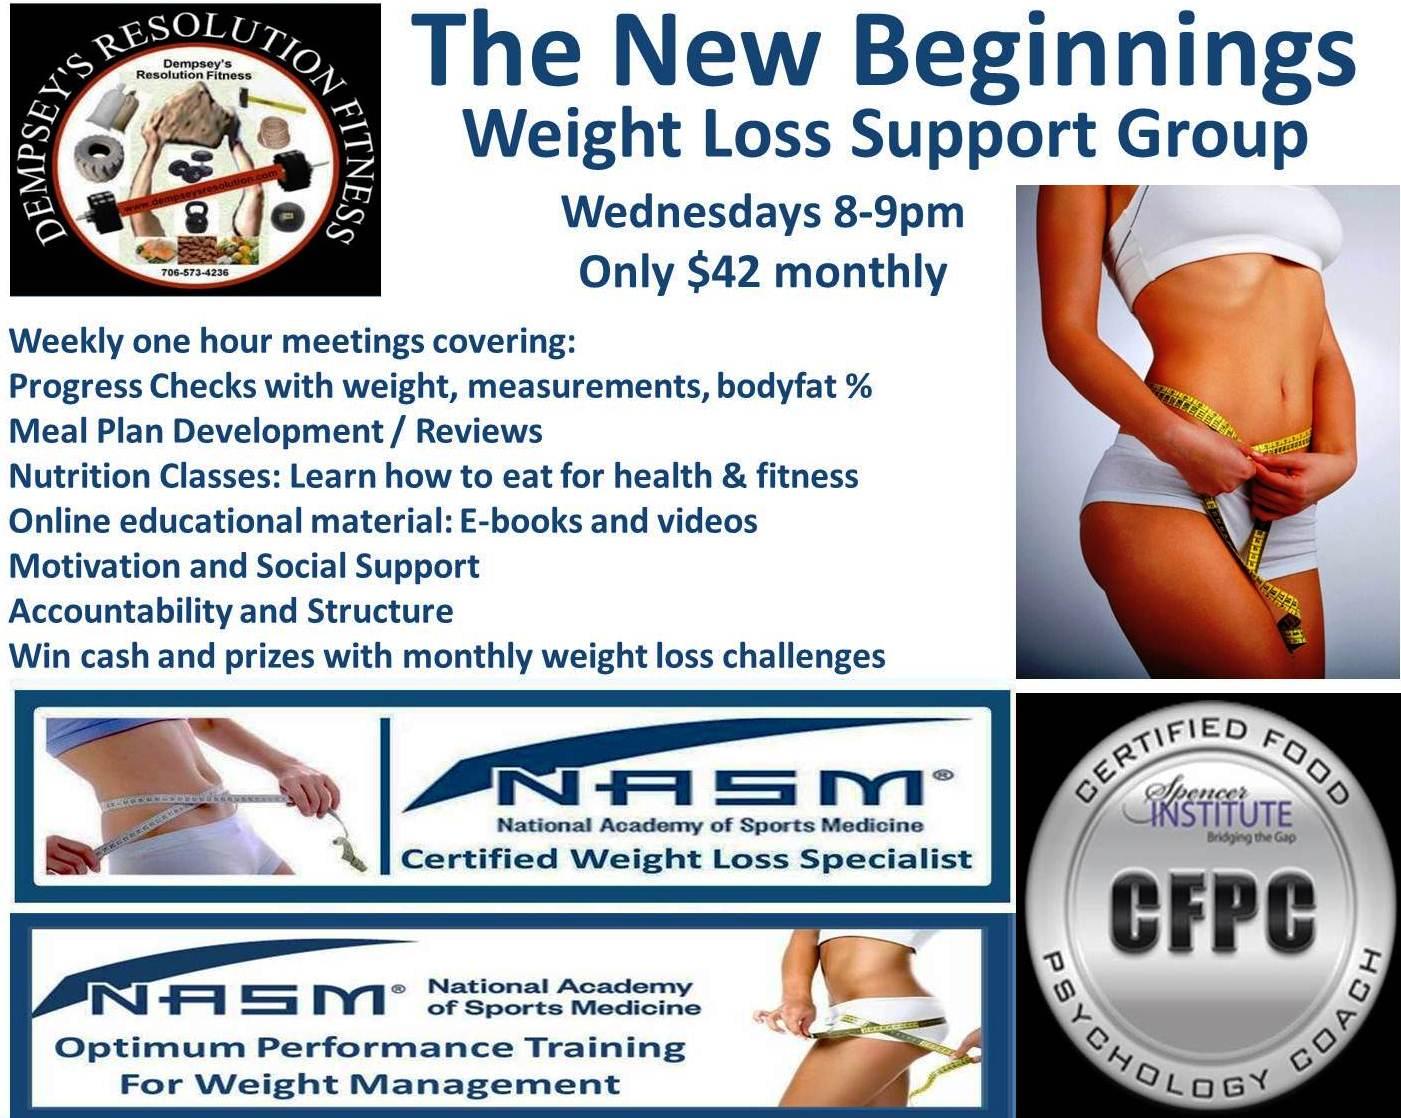 Fda approved weight loss pills 2011 hyundai